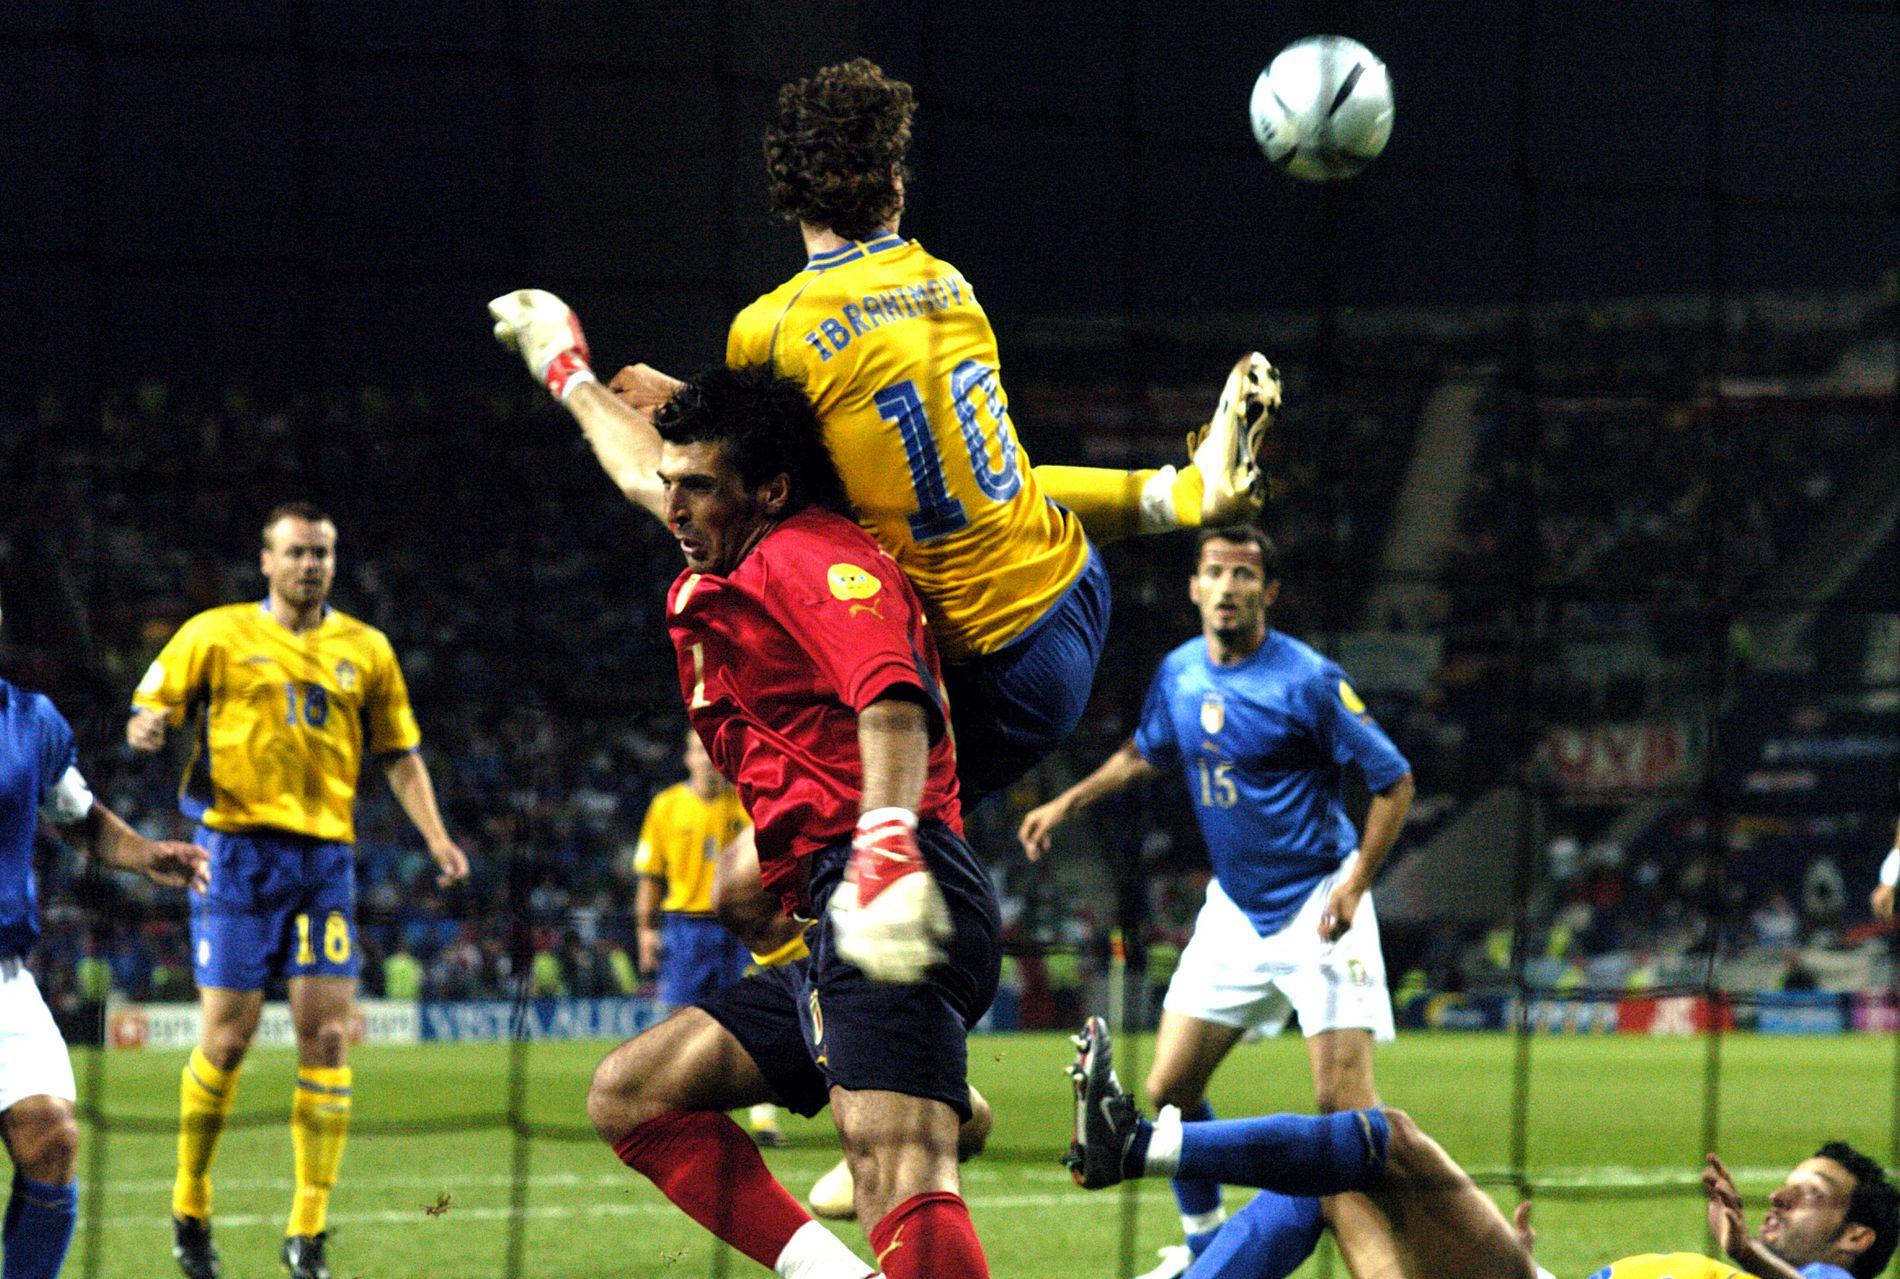 ZLATAN, FOR ET MÅL: 44.926 tilskuere så Zlatan Ibrahimovic score Sveriges utligningsmål med hælen rett foran hendene på Gianluigi Buffon i EM 2004.